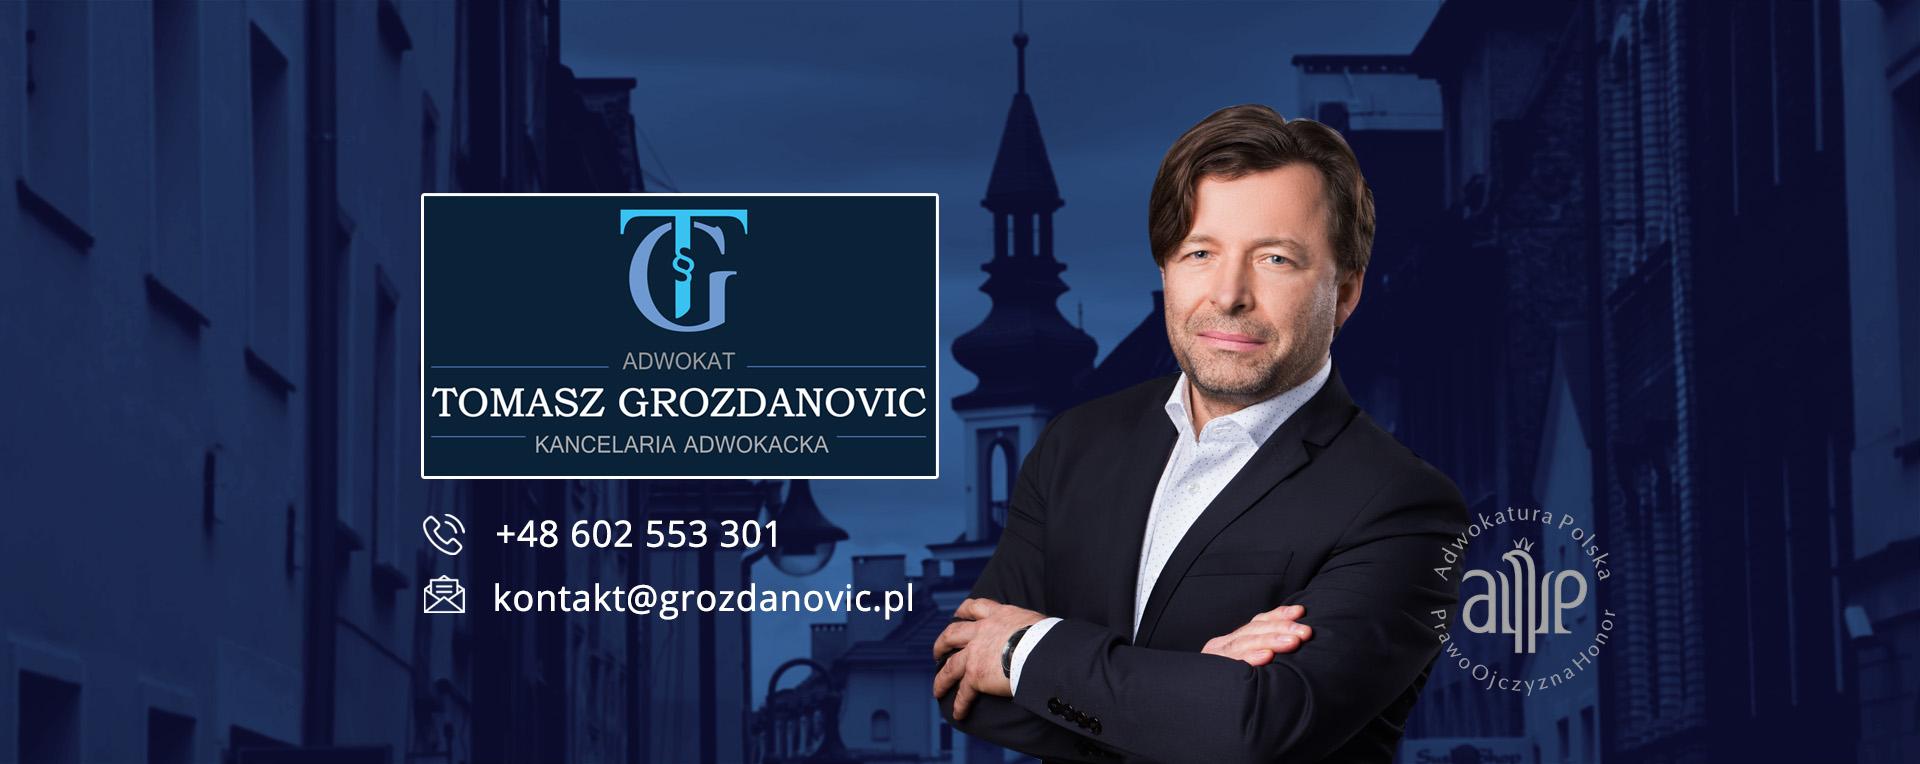 Adwokat Tomasz Grozdanovic